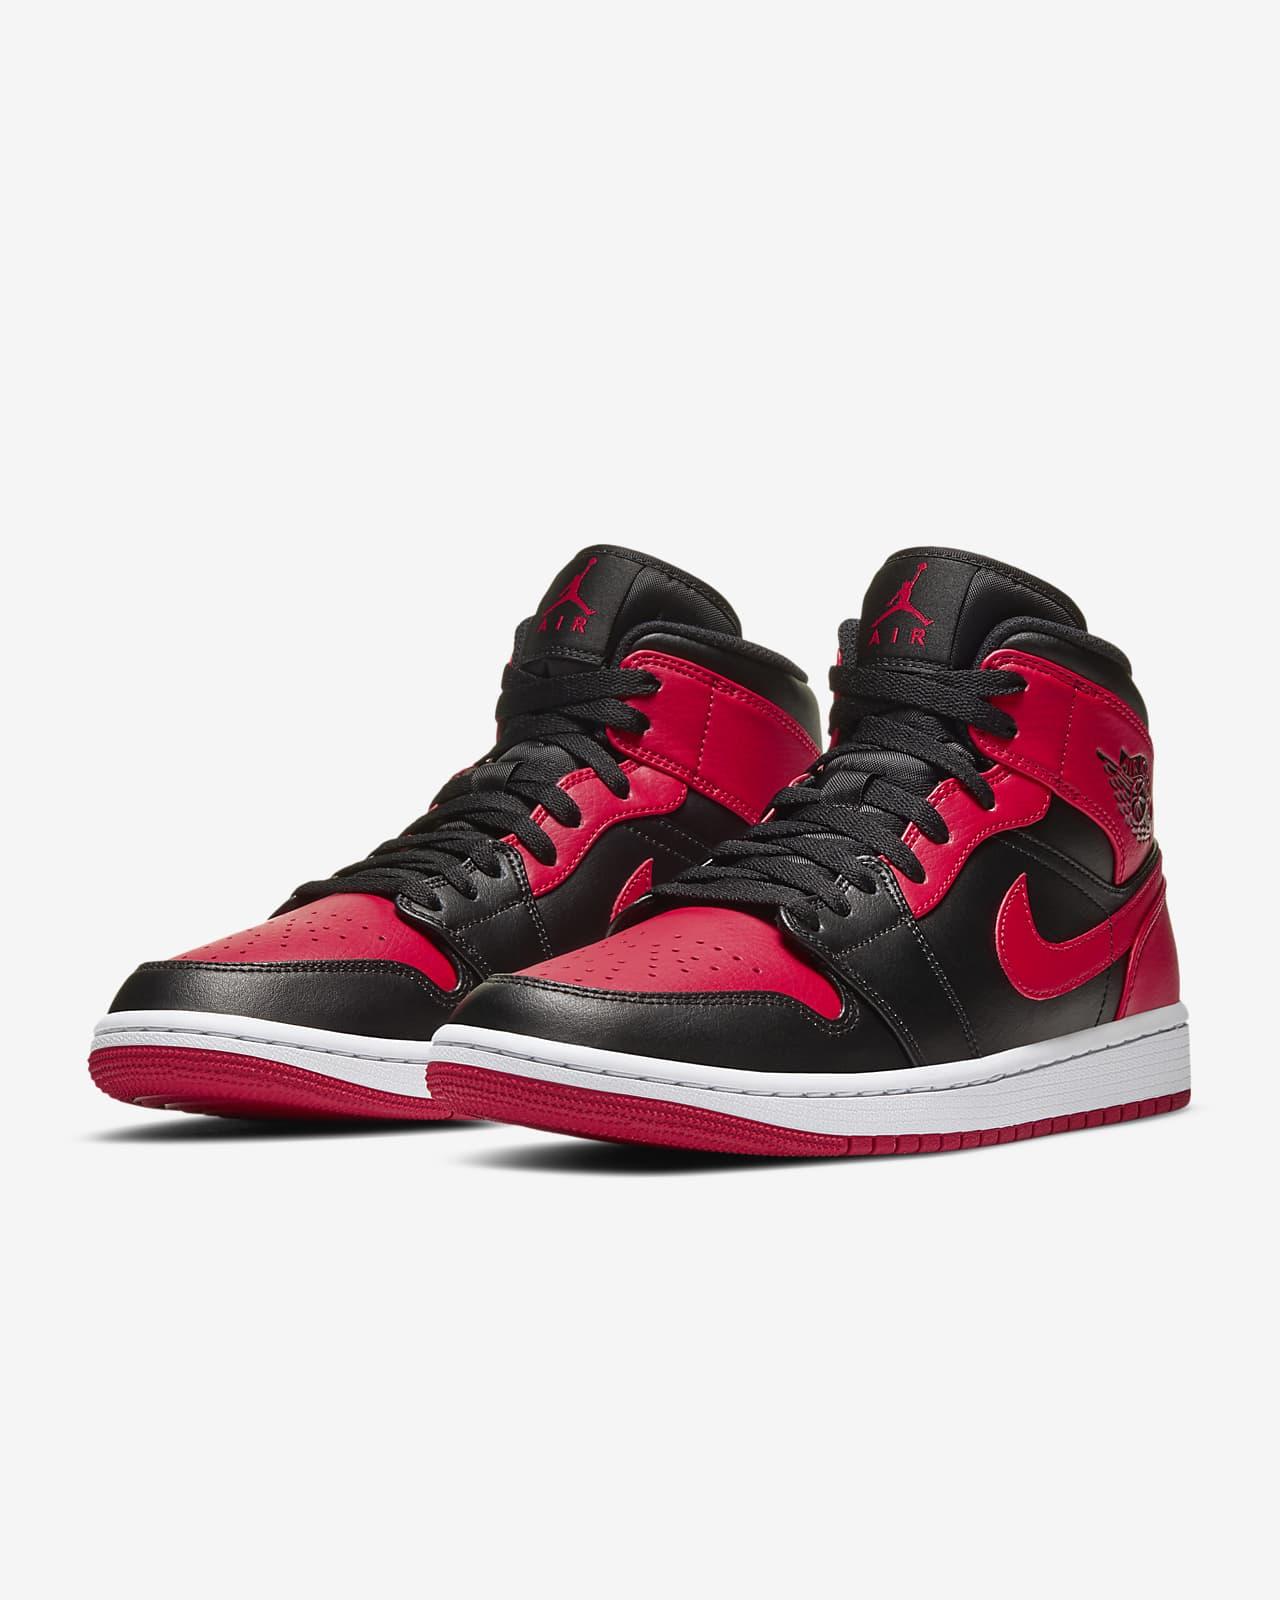 Las Nike Air Jordan 1. Fotografía: Nike